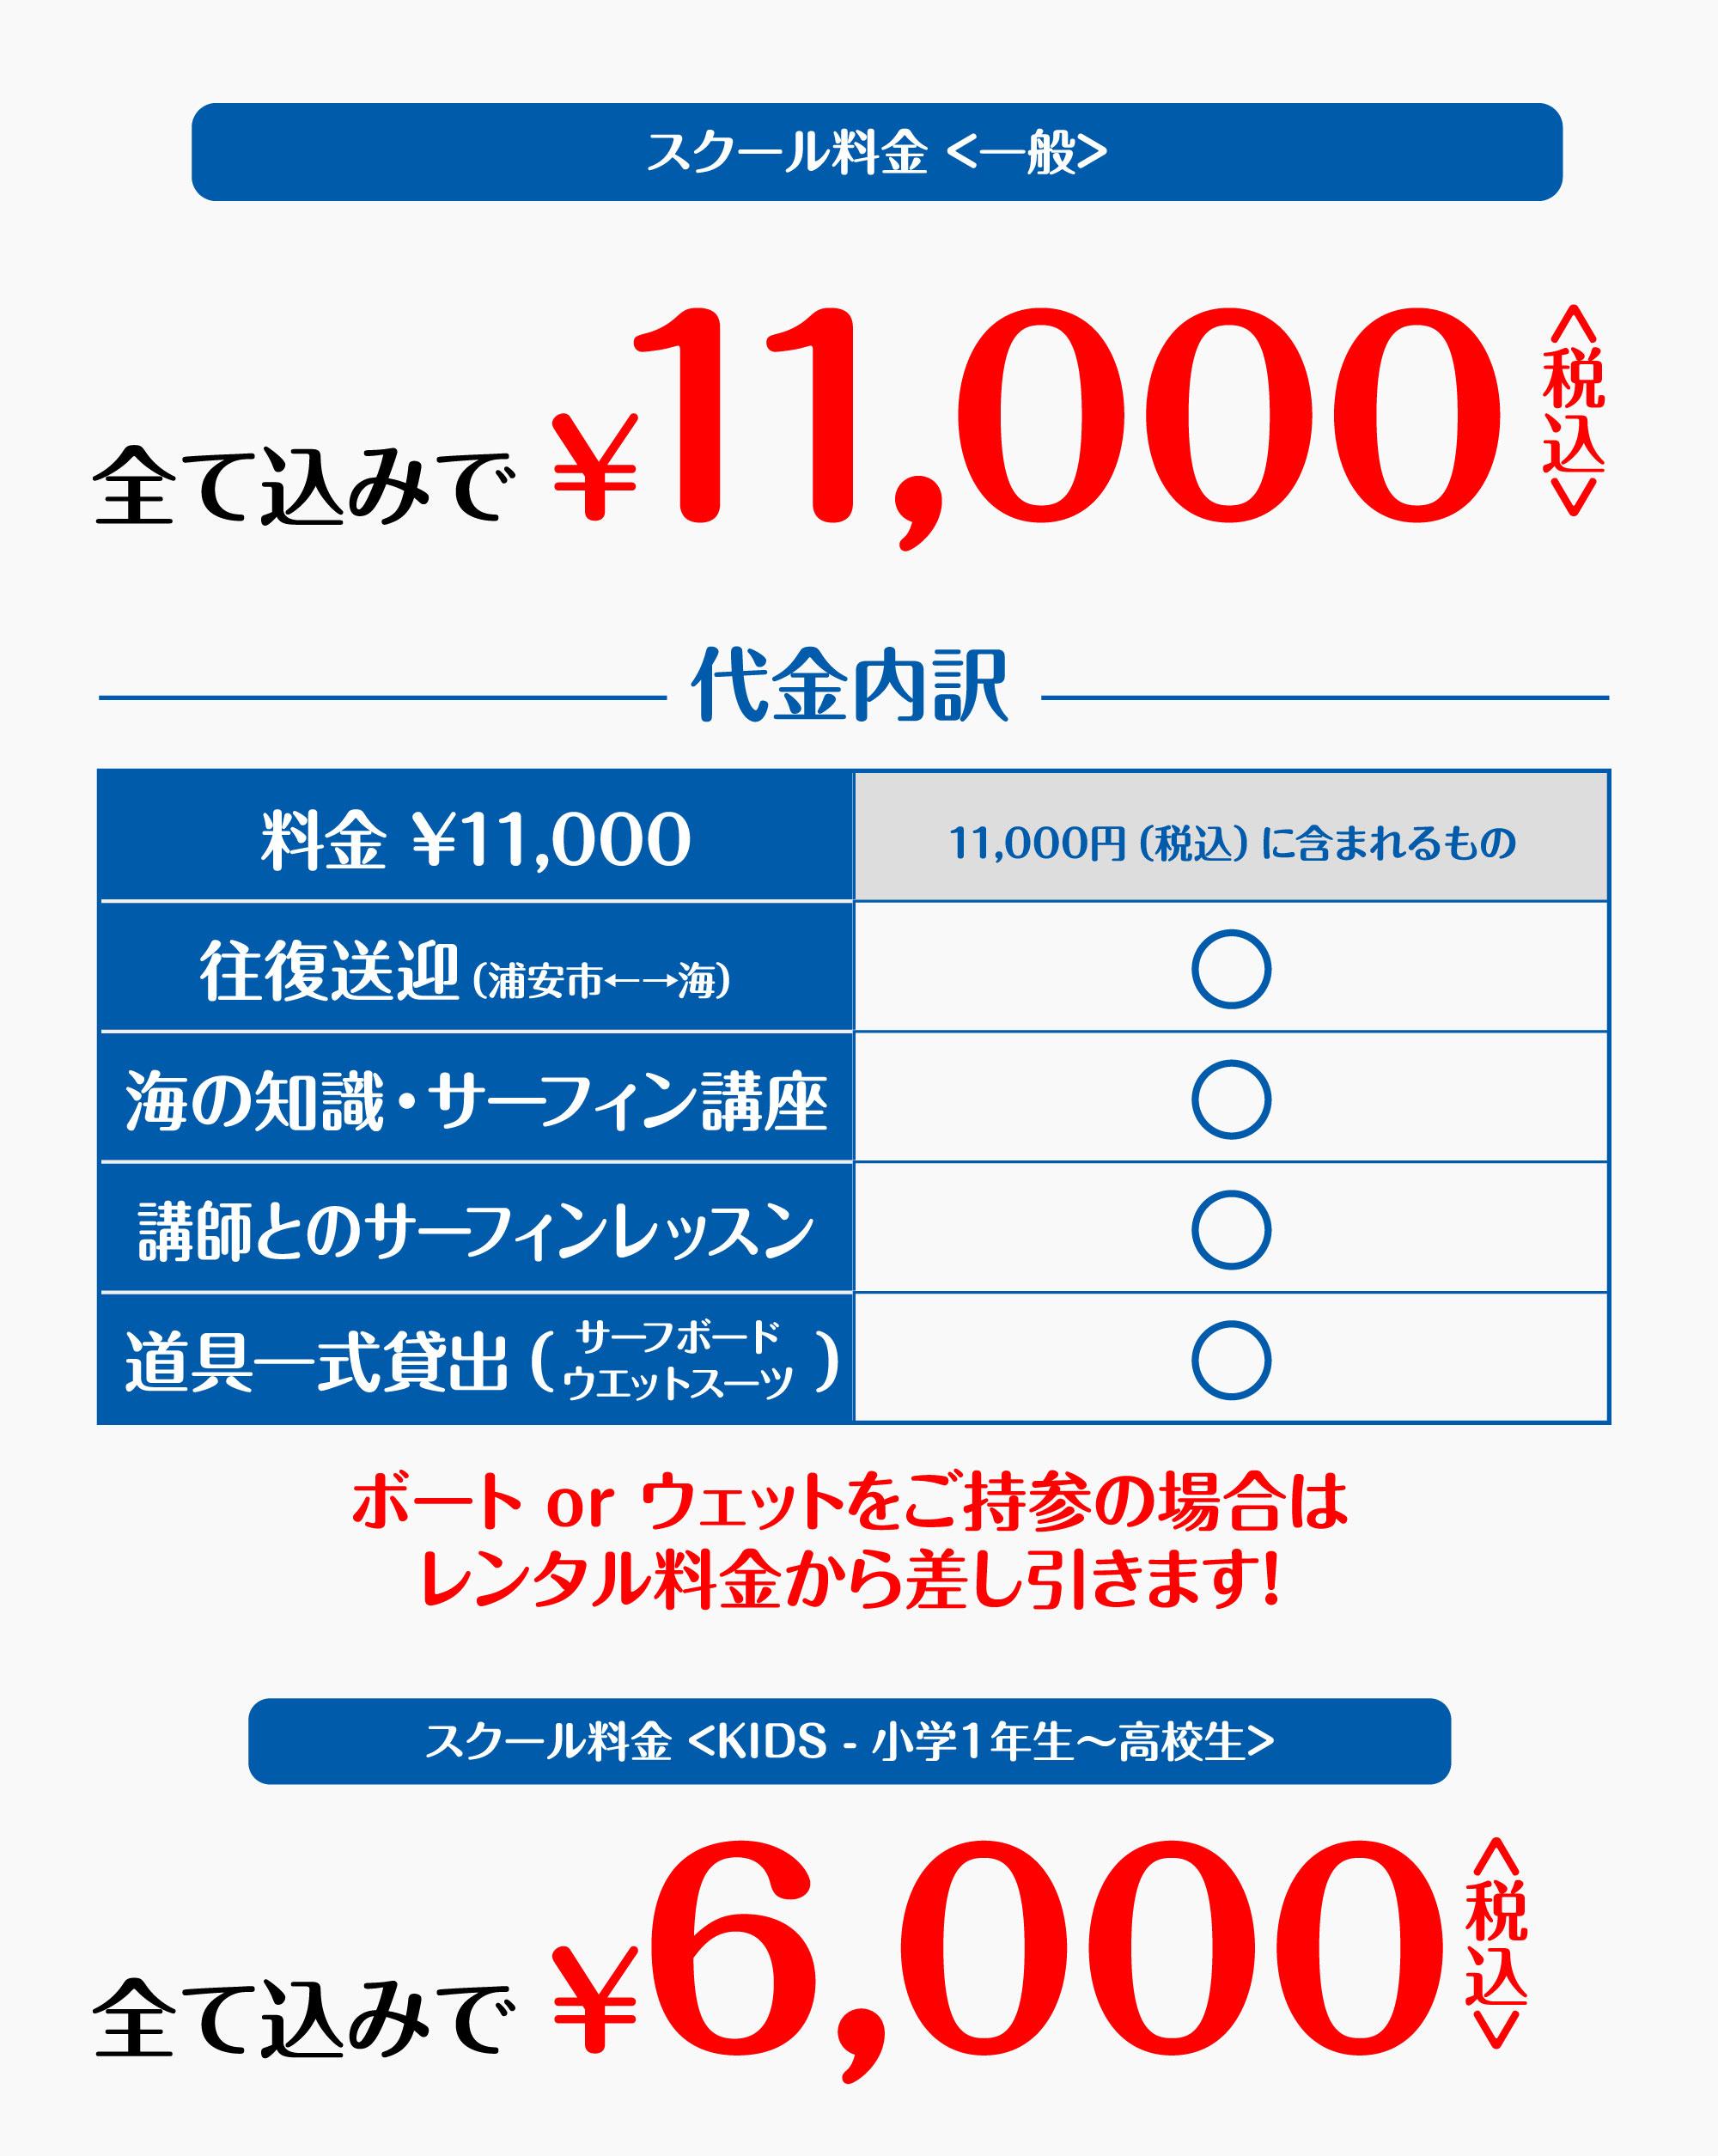 スクール料金 <一般>全て込みで¥1,1000<税込>。代金内訳<全て税込価格>スクール代金 : ¥6,000、交通費 : ¥3,000、サーフボードレンタル : ¥1,000、ウェットスーツレンタル : ¥1,000。ボート or ウェットをご持参の場合はレンタル料金から差し引きます!スクール料金 <KIDS - 小学1年生〜高校生>全て込みで¥6,000<税込>